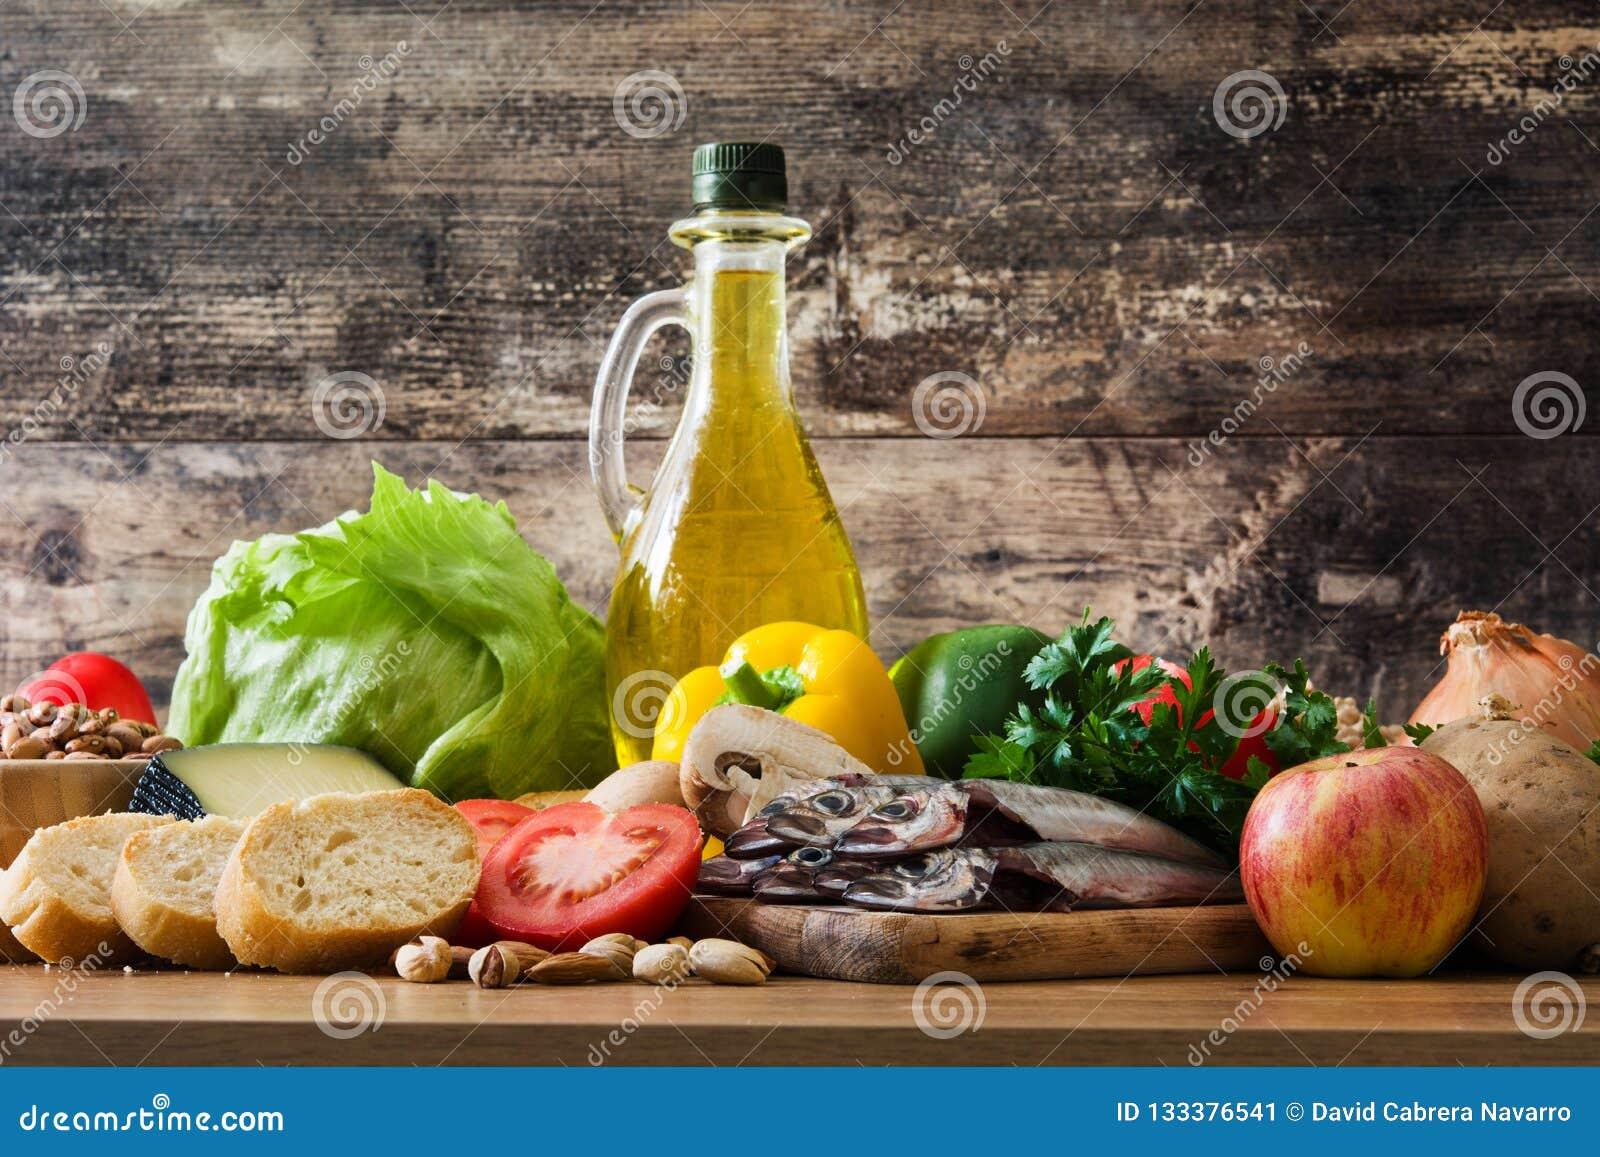 Cibo sano dieta mediterranea Frutta, verdure, grano, olio d oliva matto e pesce